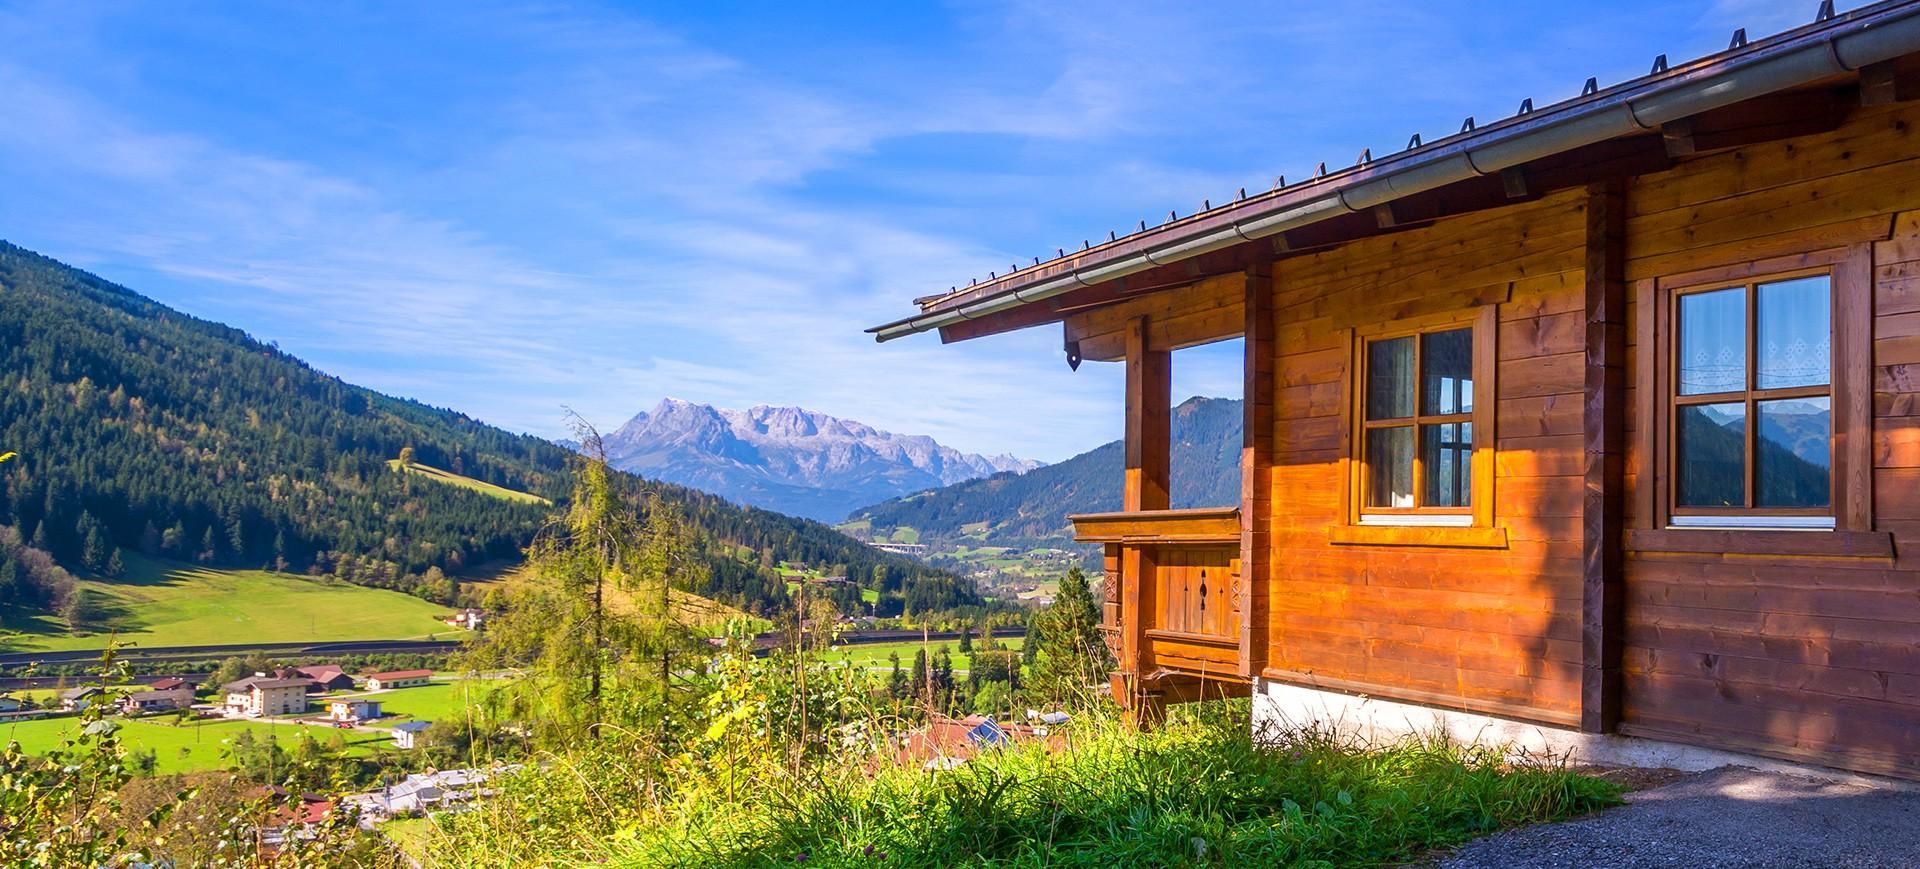 Herzlich Willkommen bei den Ferienhütten Ebner!